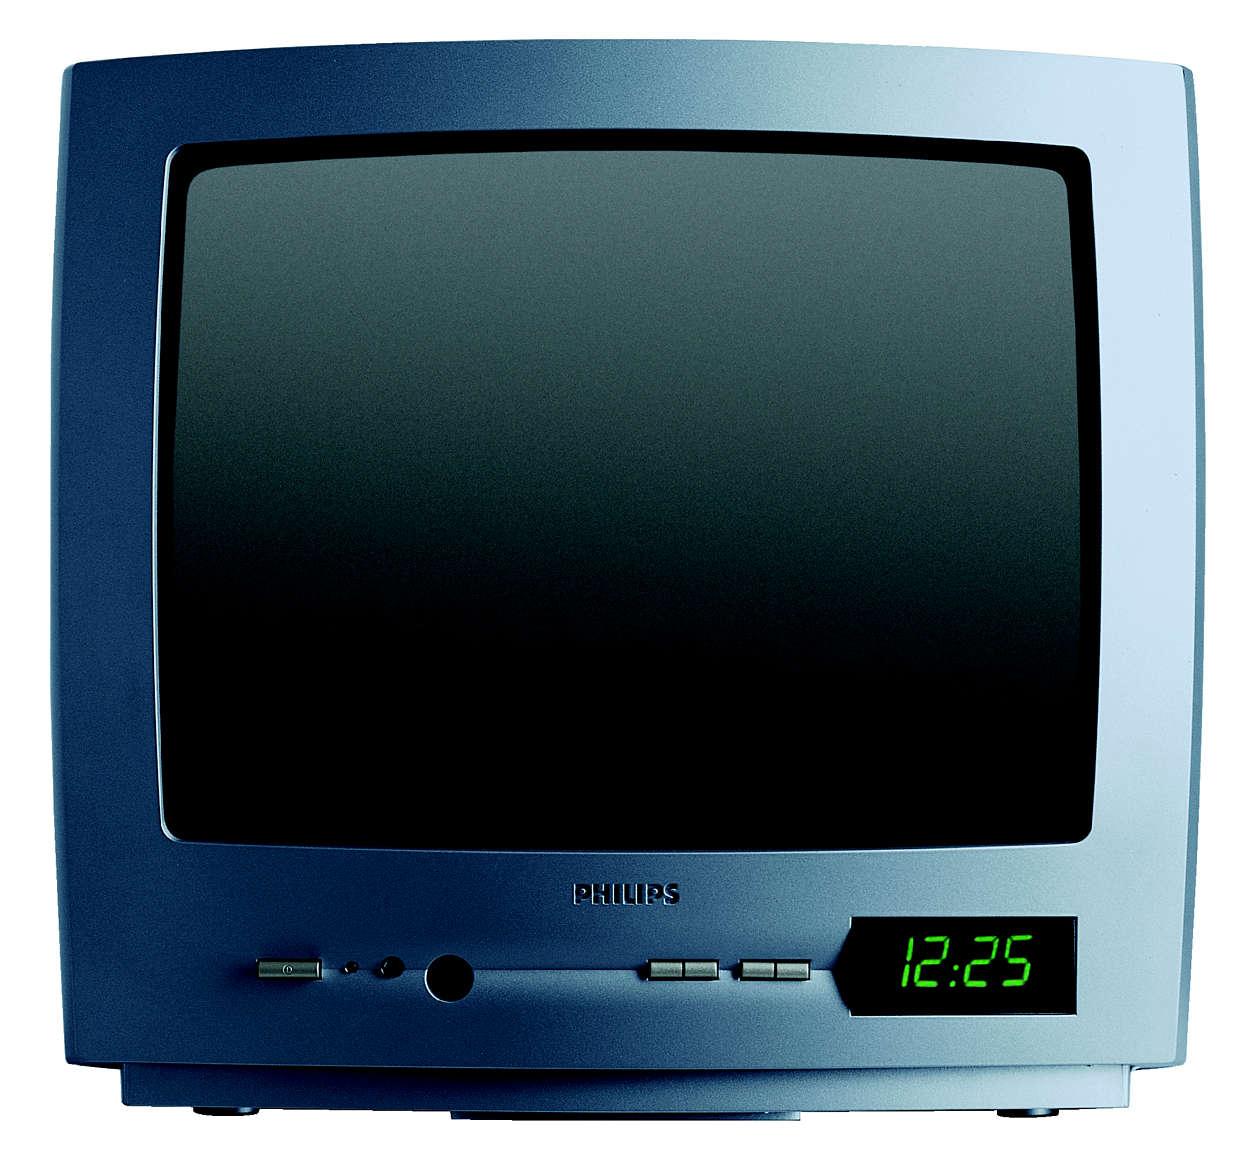 Televisor ProPlus compacto com modo de hotel